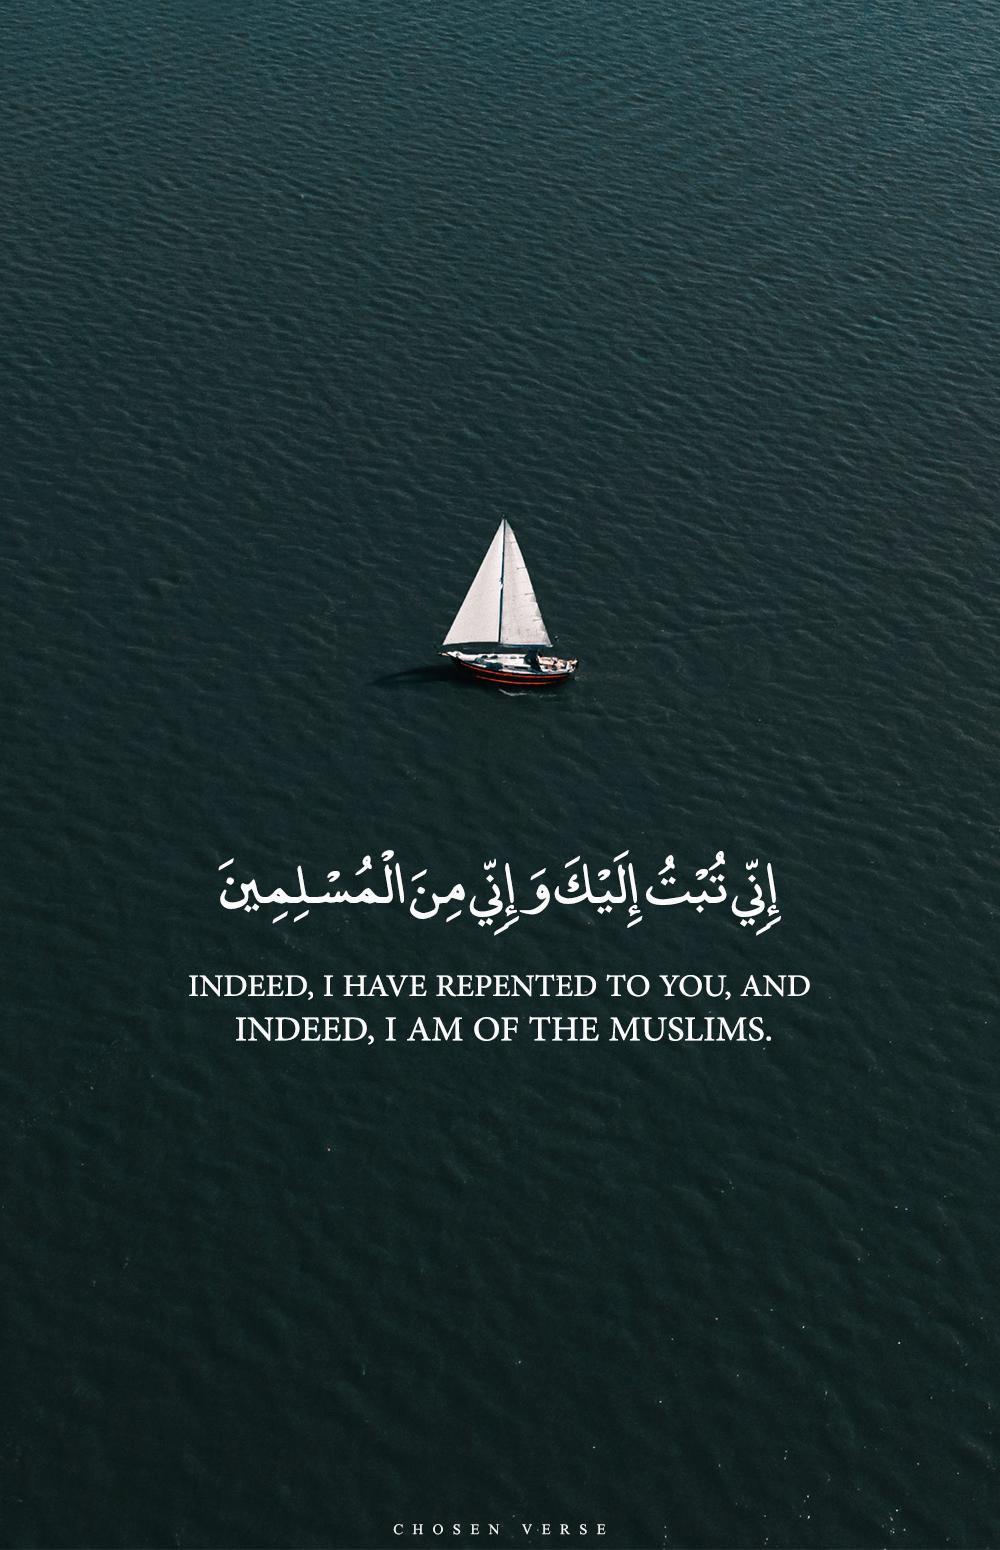 Nader Dawah اللهم اجعل لنا من كل هم فرجا O Allah Make For Us Quran Quotes Inspirational Quran Quotes Love Quran Quotes Verses